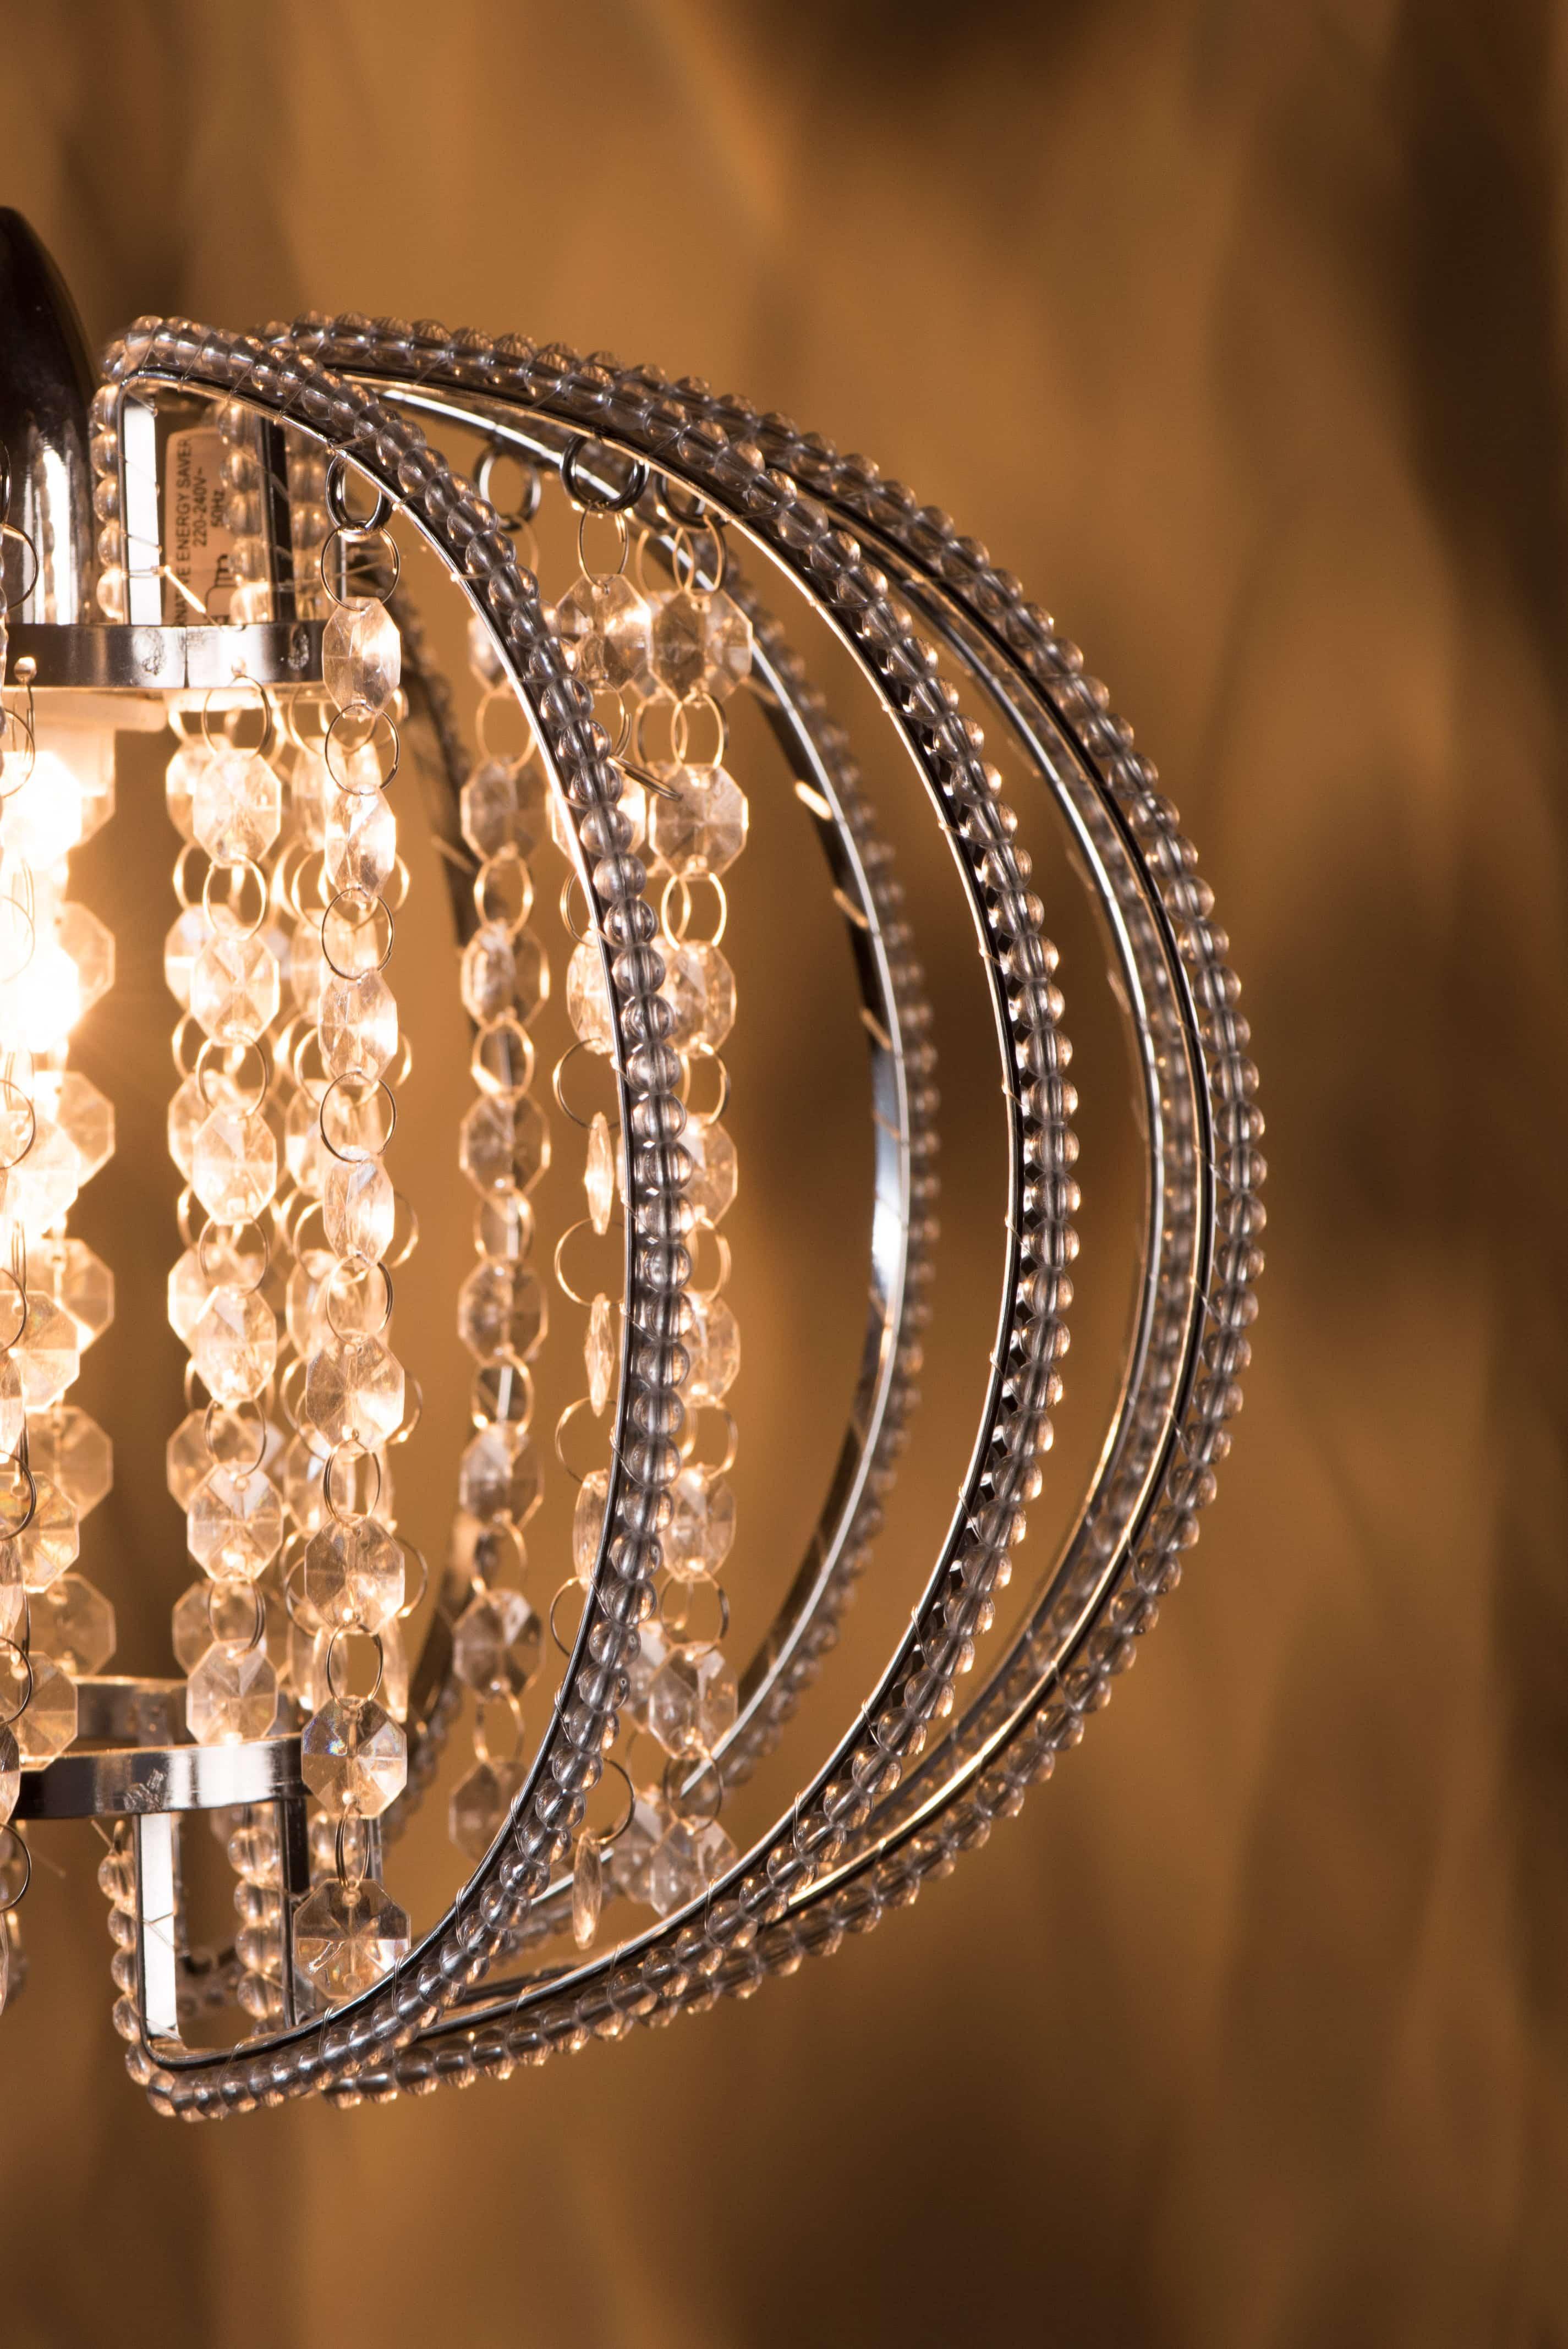 鍍鉻圓形透明壓克力珠吊燈-BNL00046 7